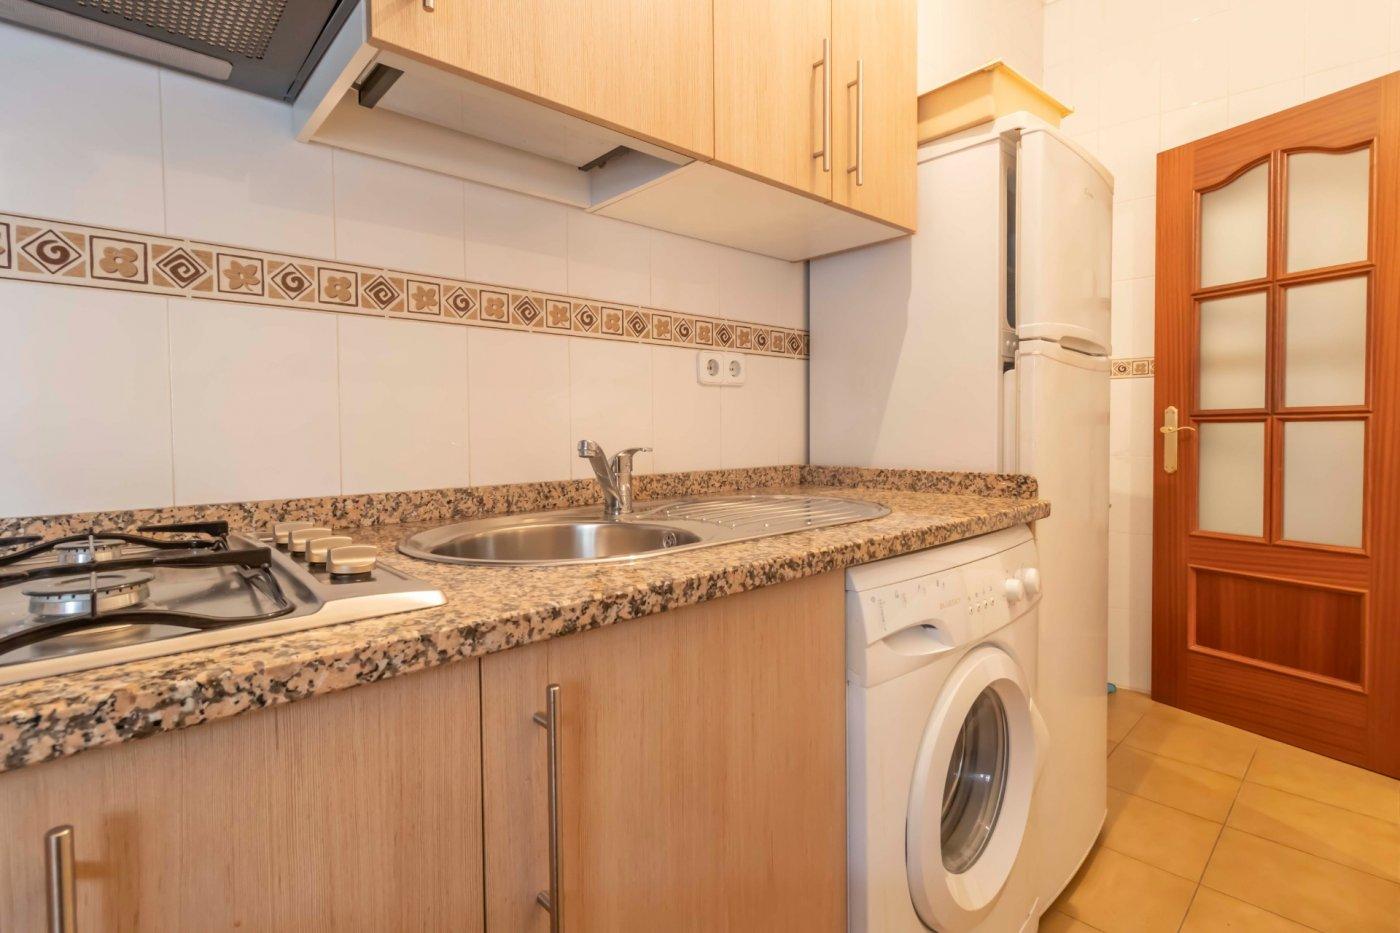 2 pisos a la venta por el precio de uno en zona padre pÍo - imagenInmueble6